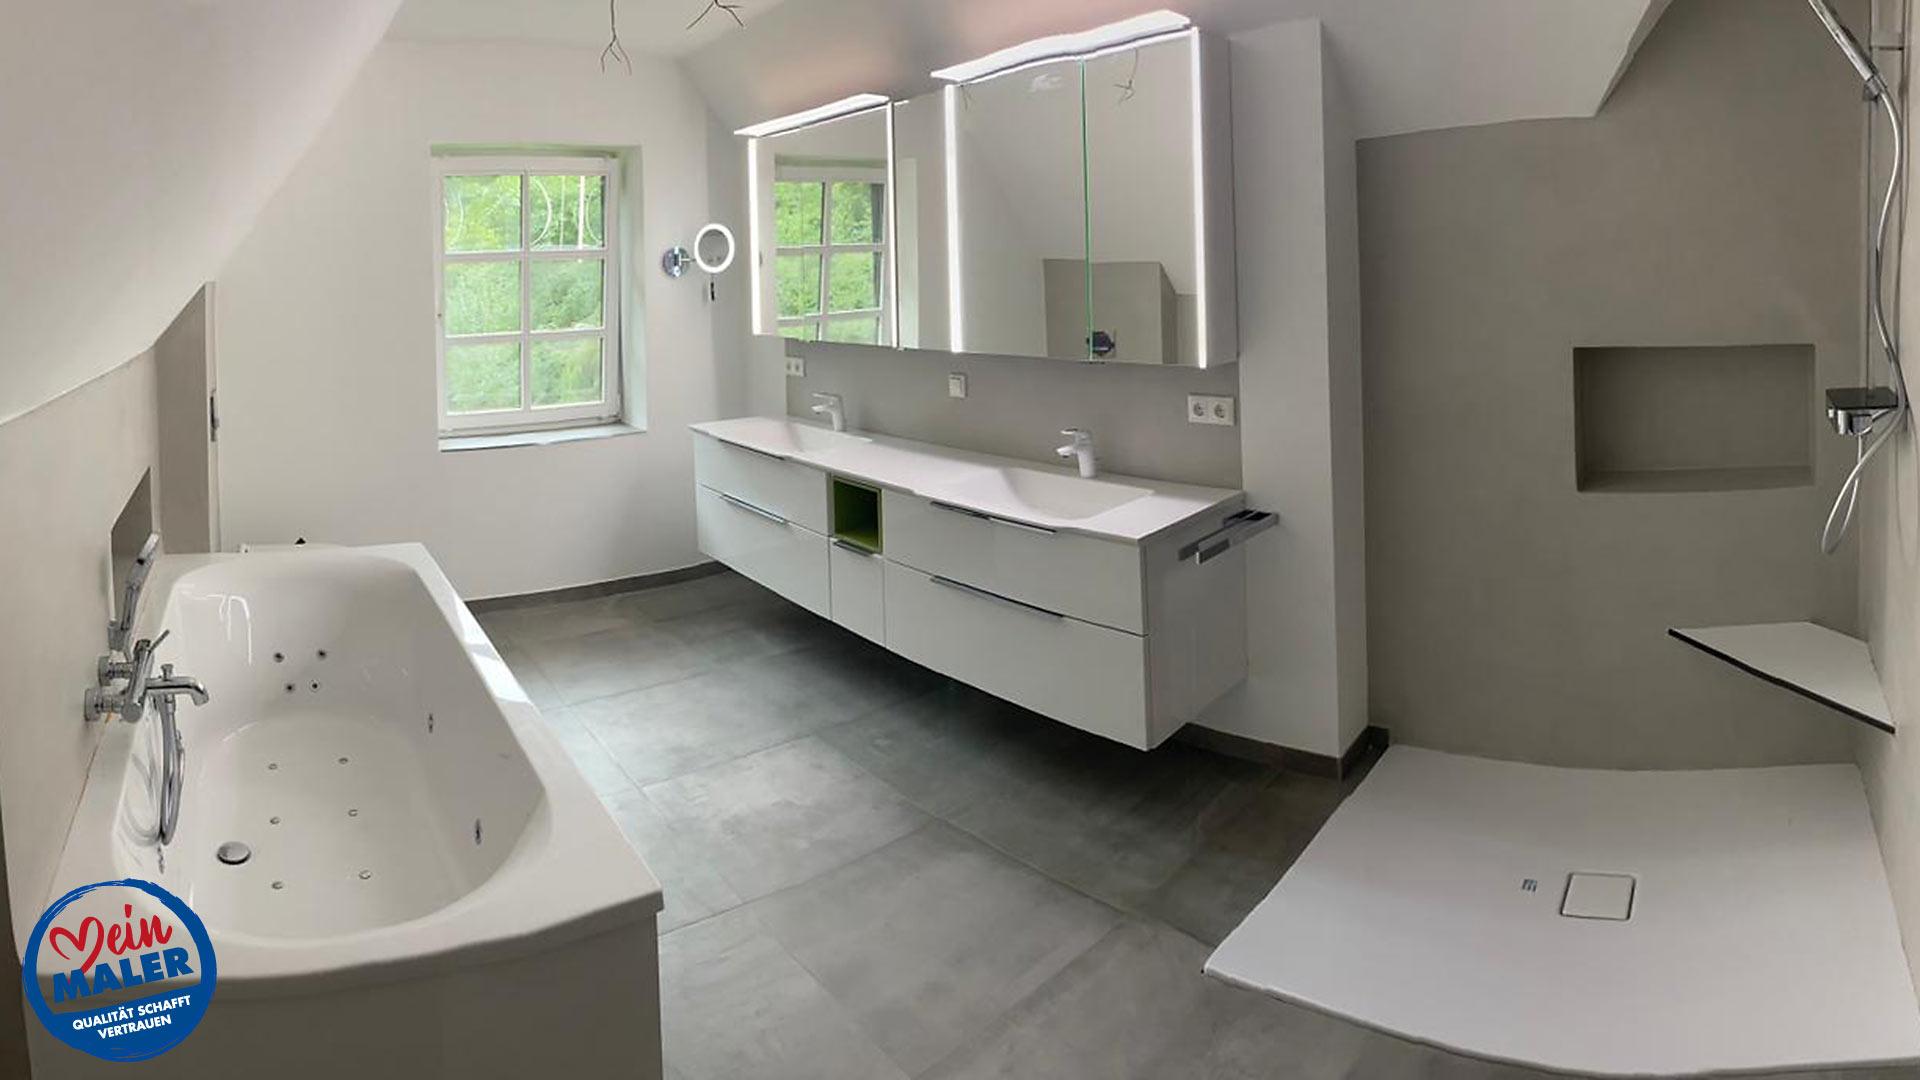 20 Jahre Zeitreise die Verwandlung in ein modernes fugenloses Bad ...